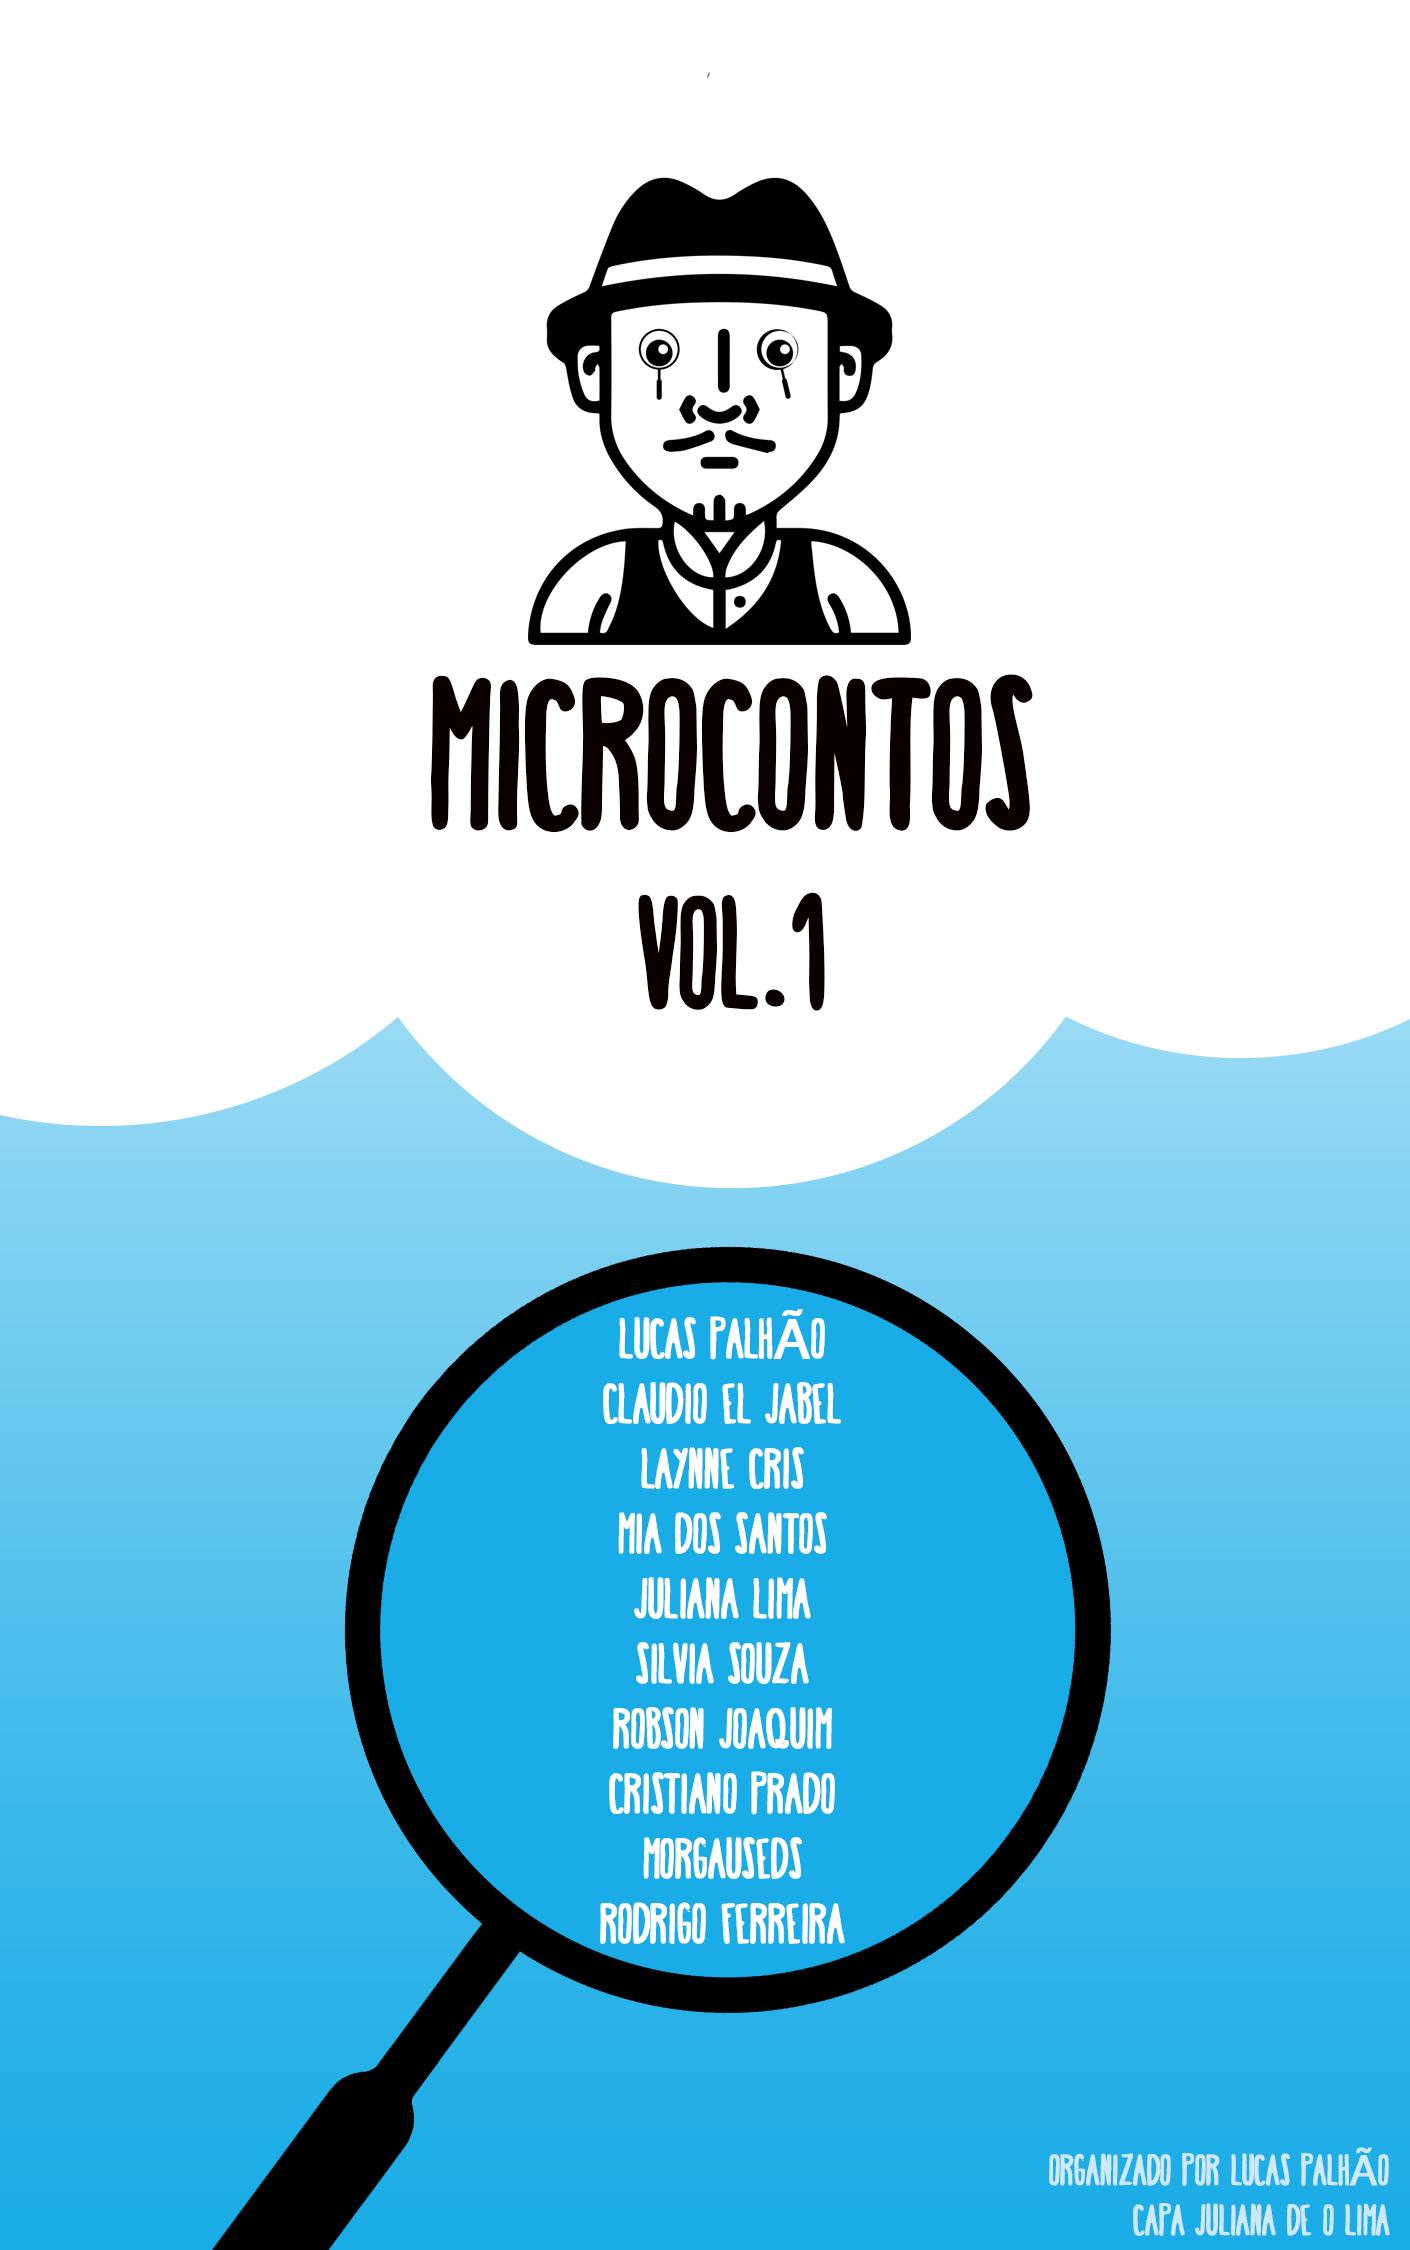 Capa da Antologia Microcontos Volume 1